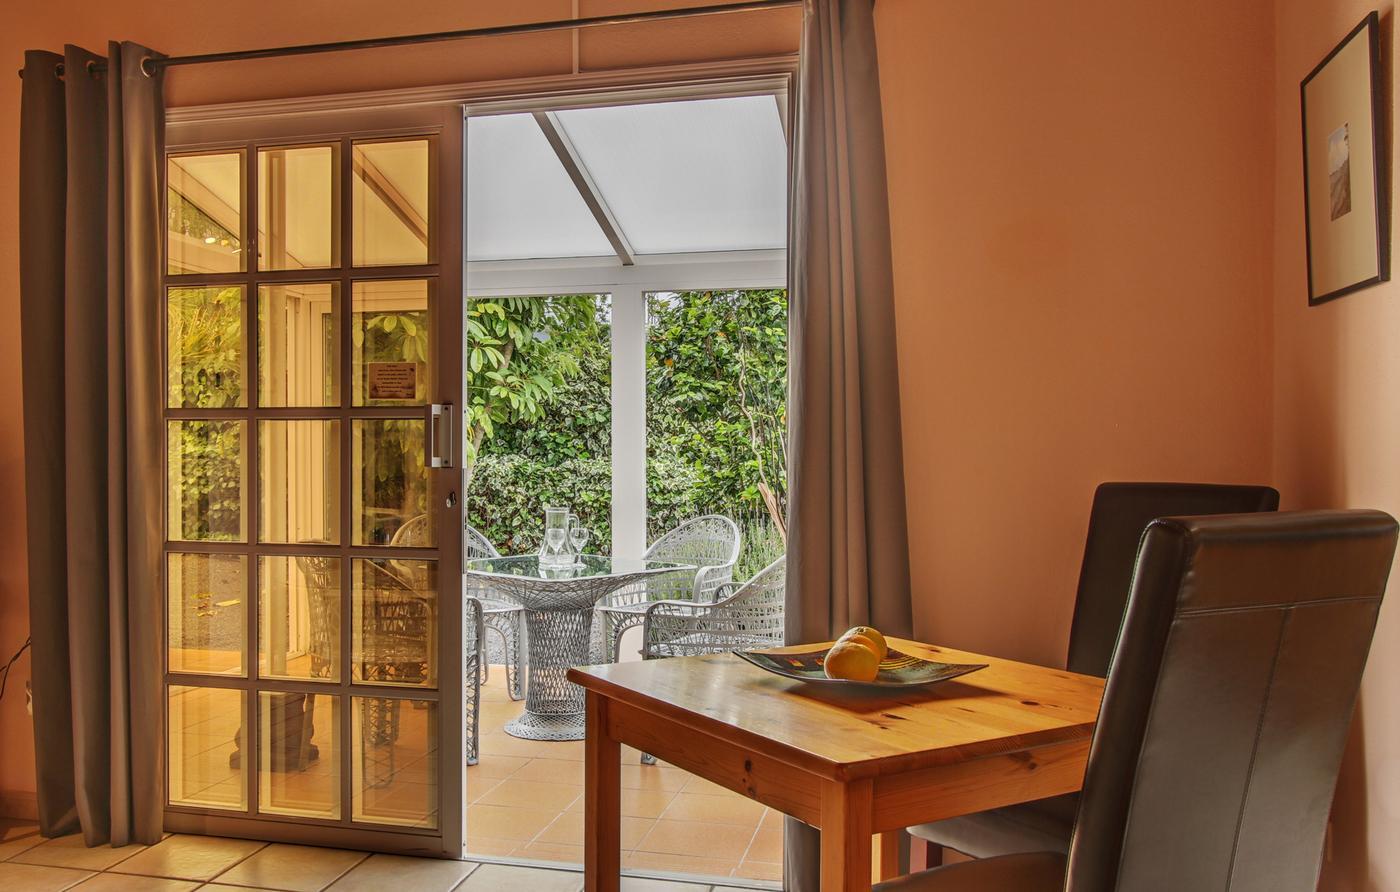 Casa Brinja Alquiler Alojamiento Canario Noble Con Invernadero # Muebles El Canario